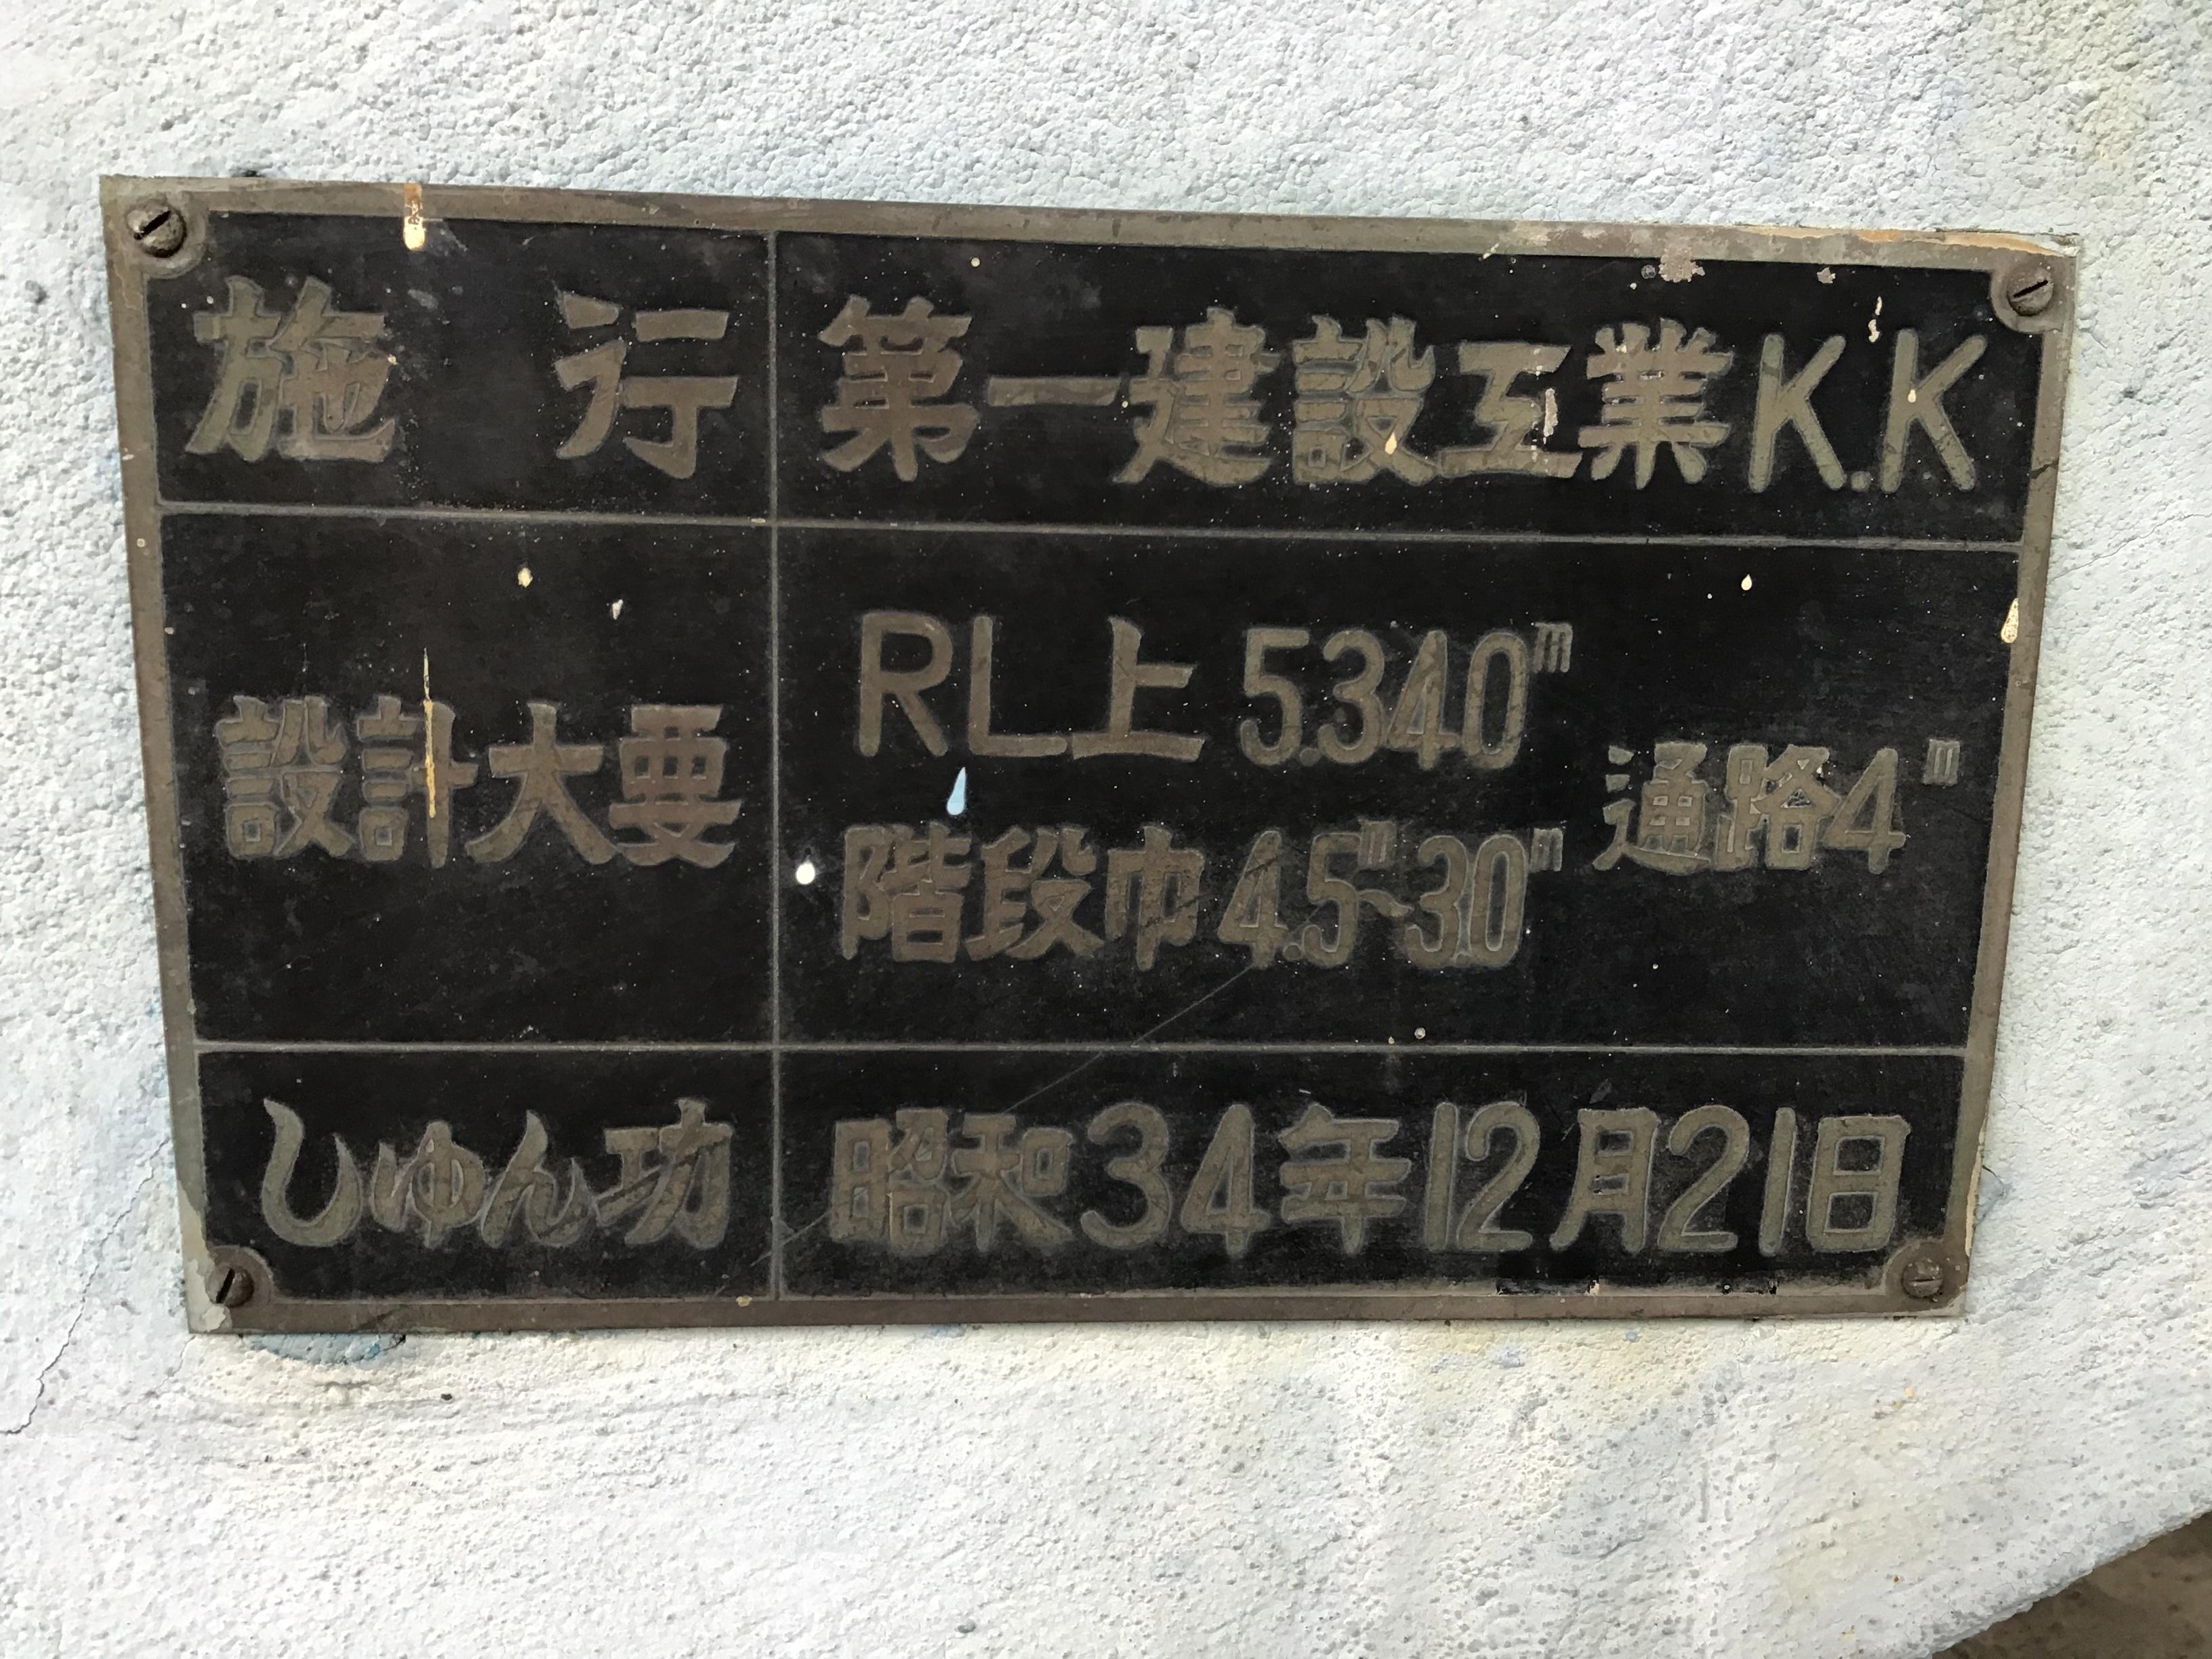 記念乗車券発売のお知らせ